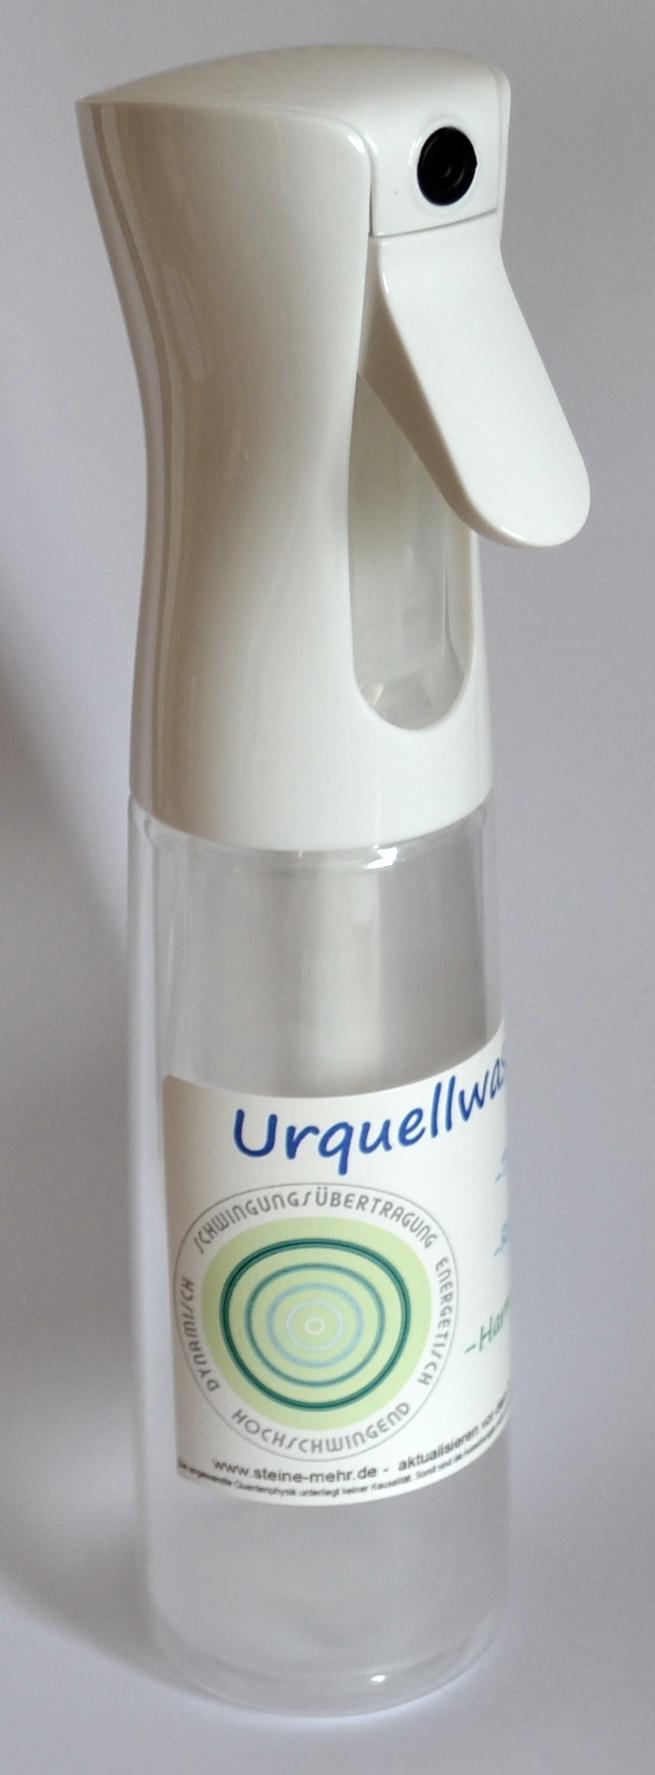 Urquellwasser Sprayflasche